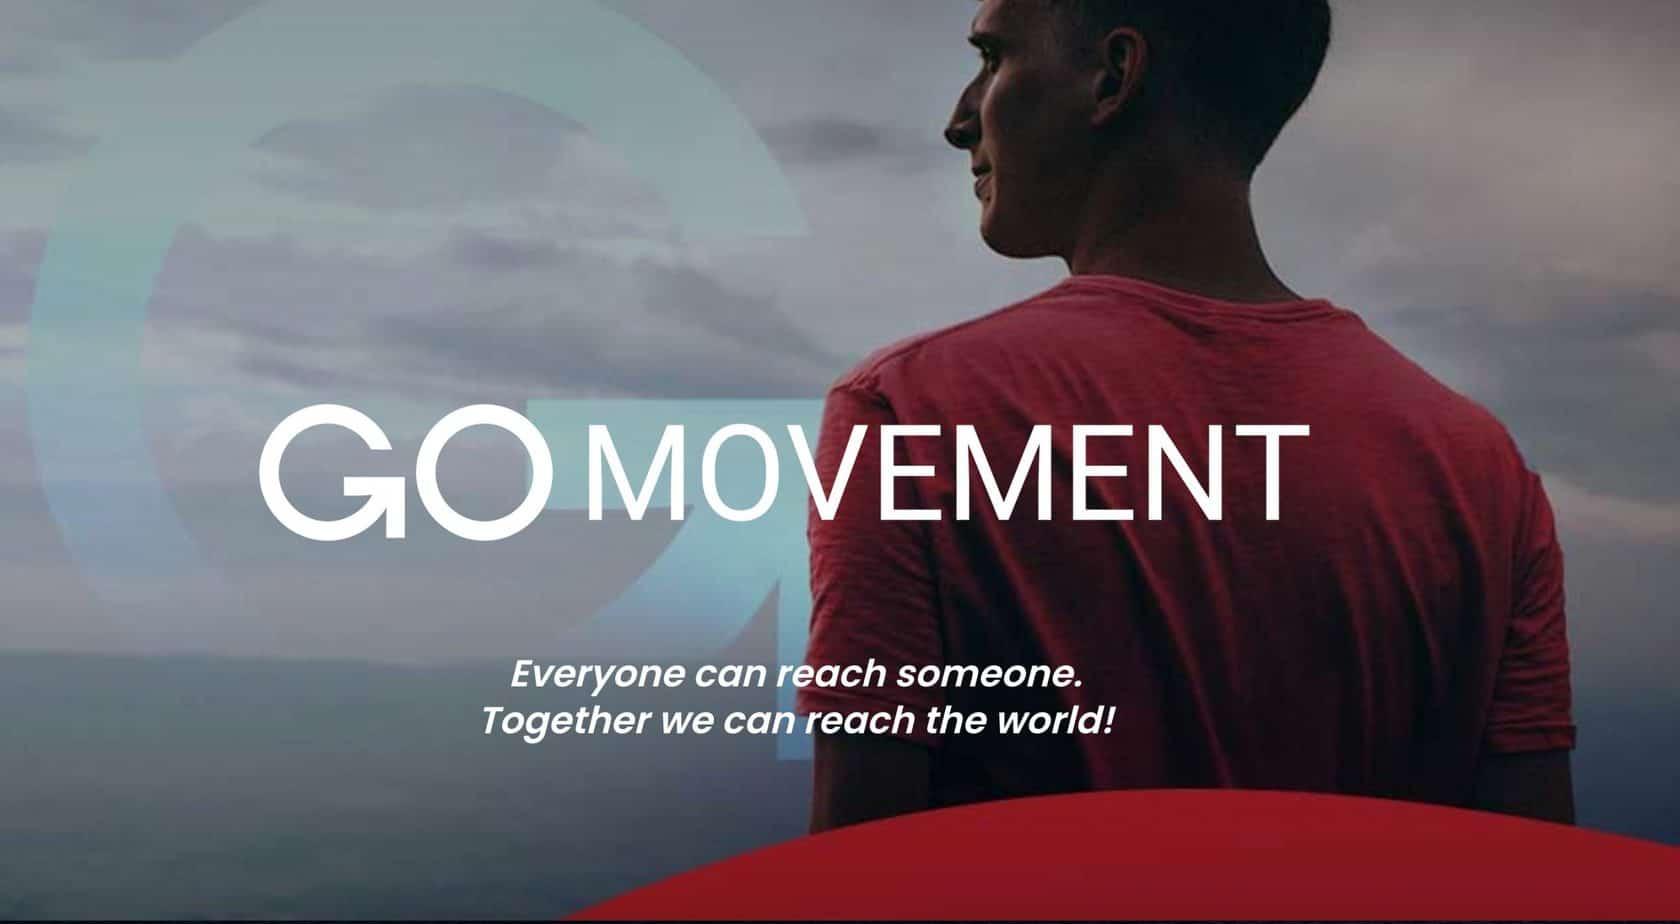 GO Movement